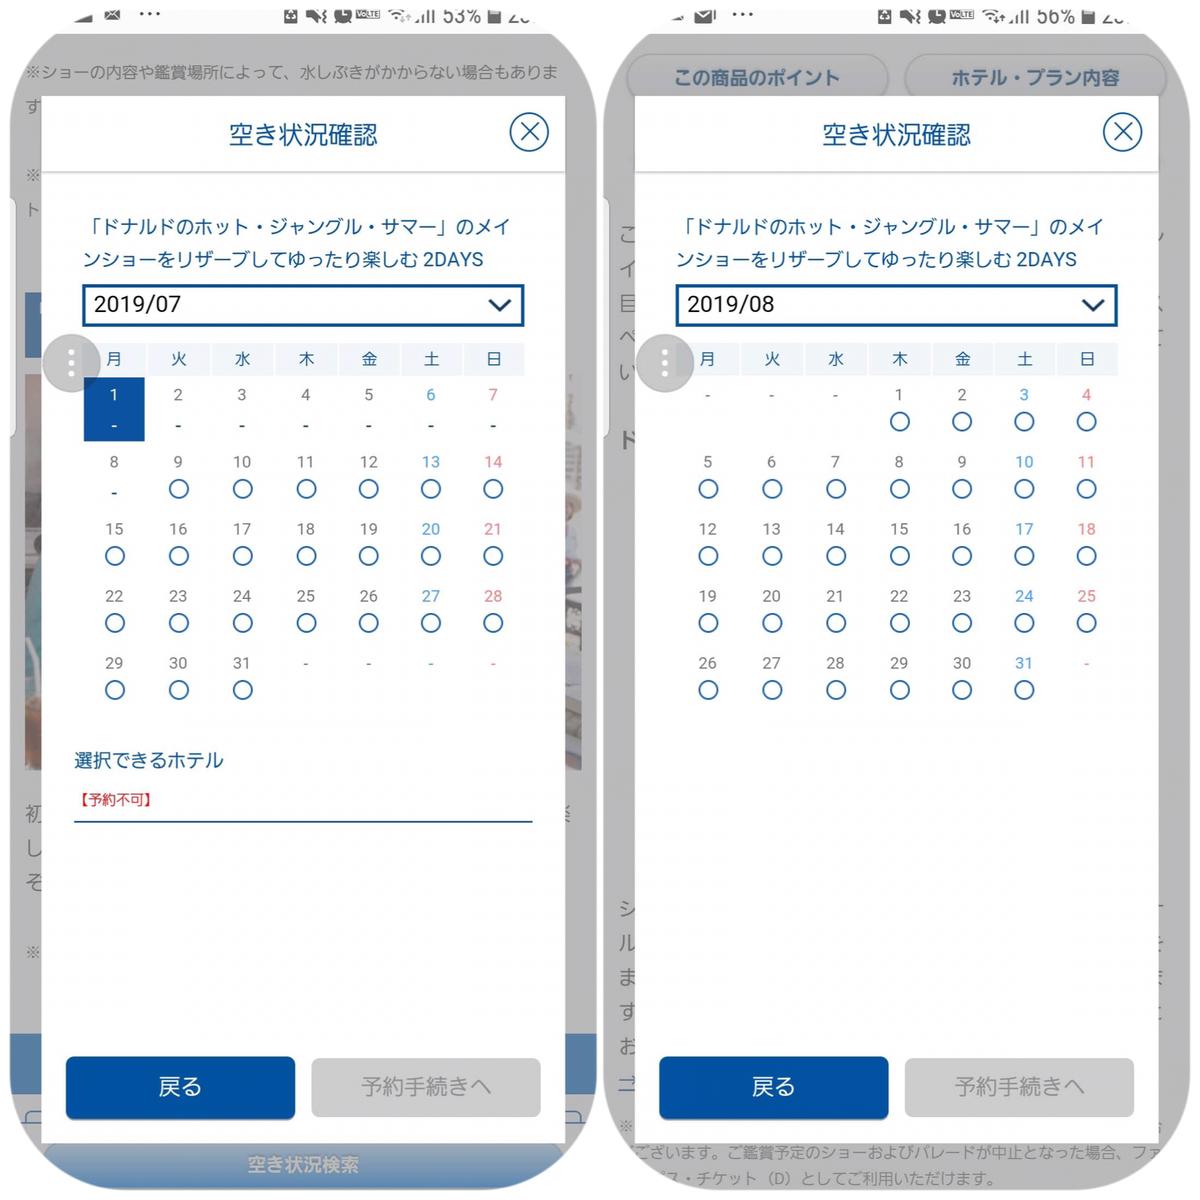 f:id:chikochikorin:20190412234312j:plain